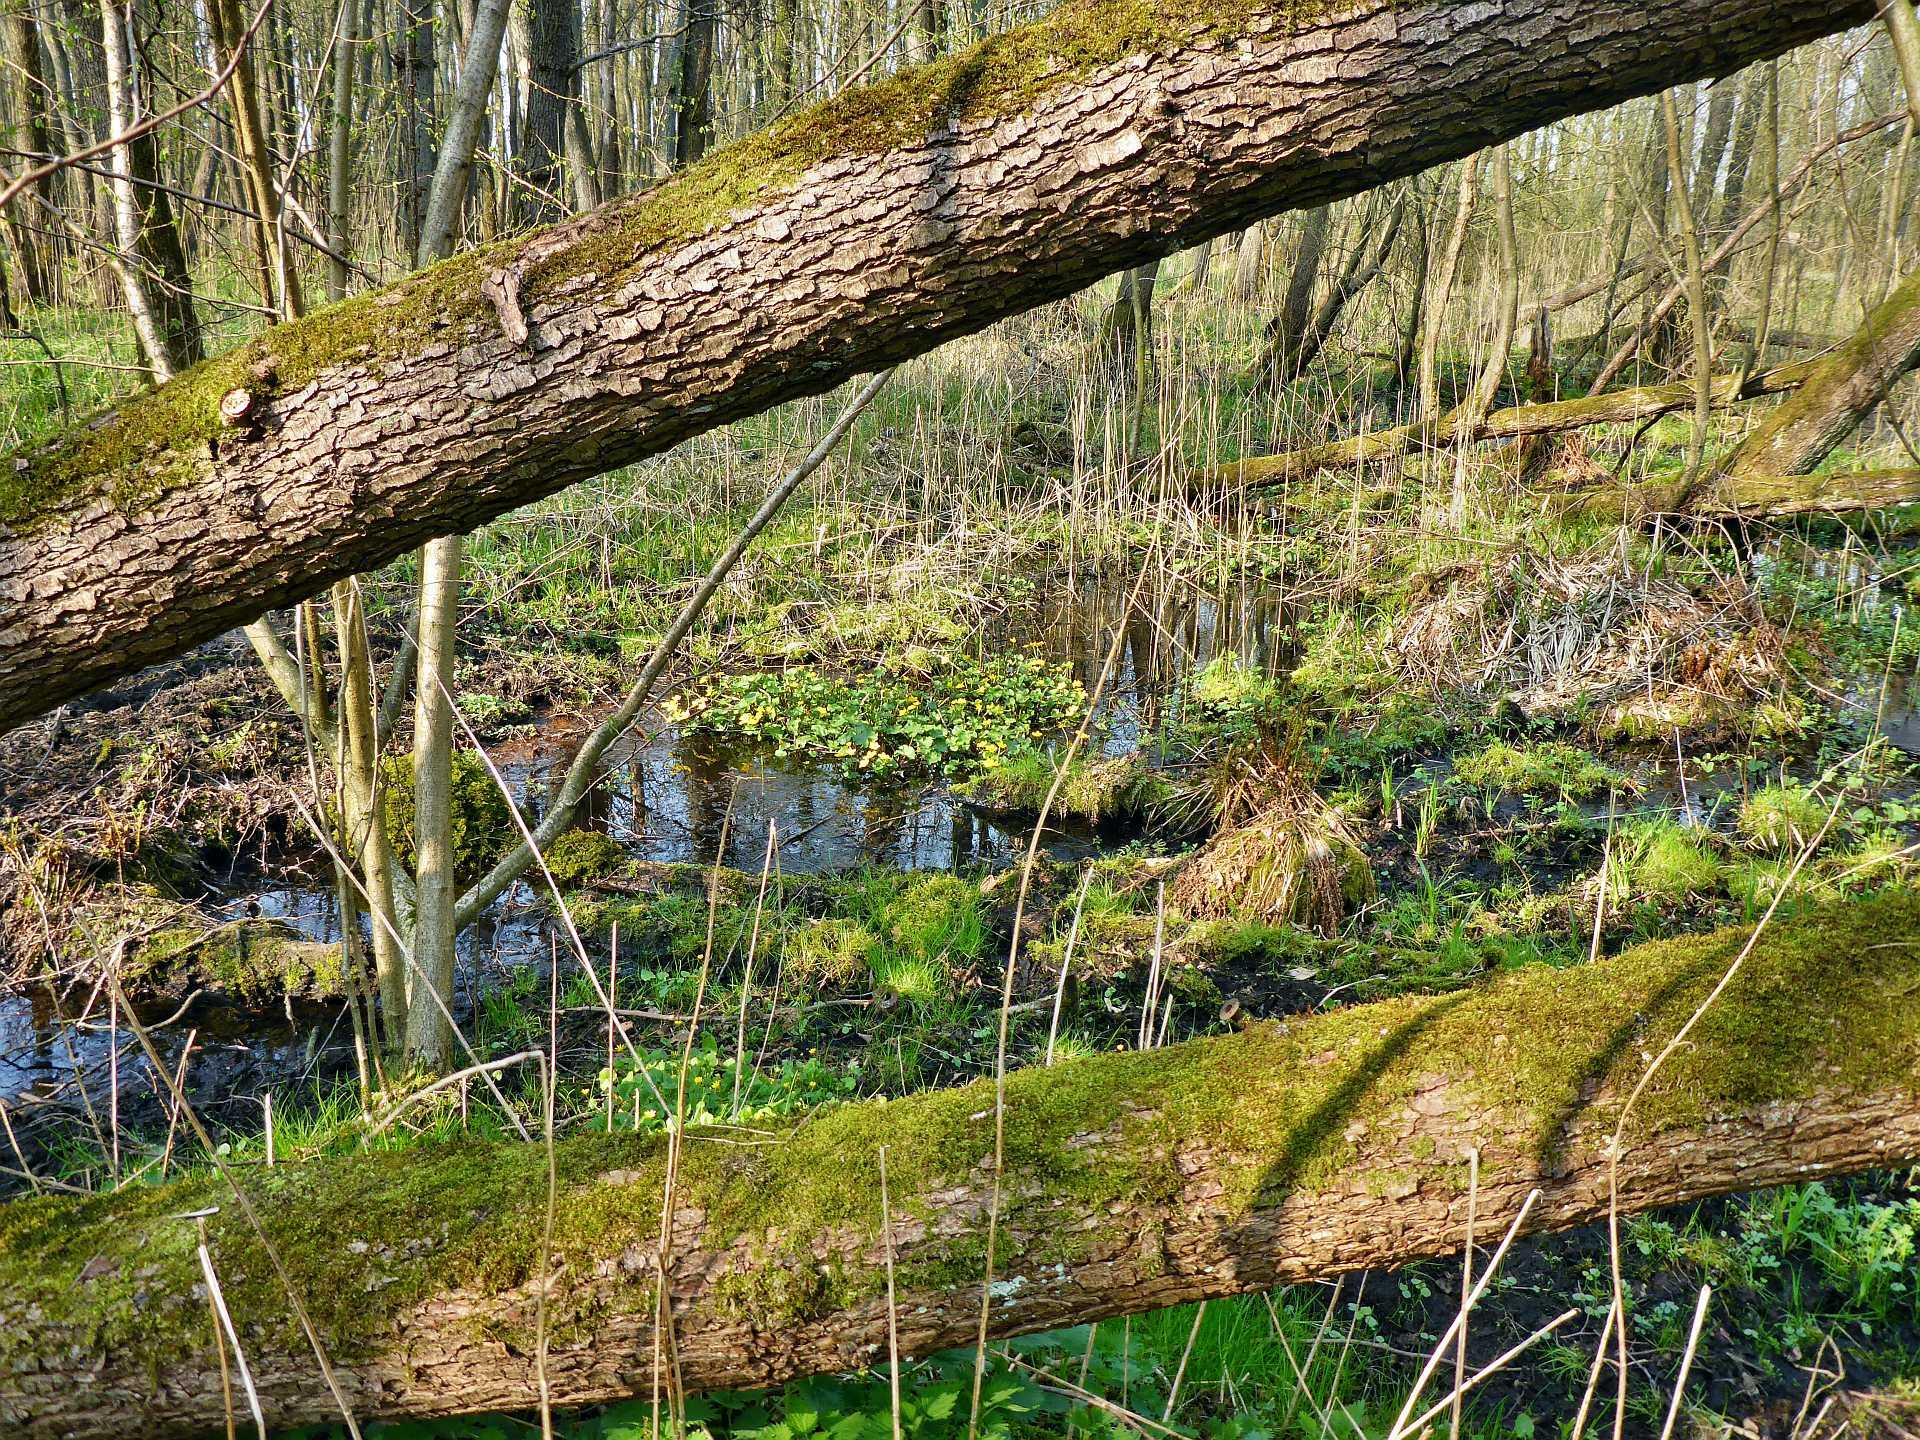 Ziemlich nass und ziemlich undurchdringlich: Die Auwaldbereiche.